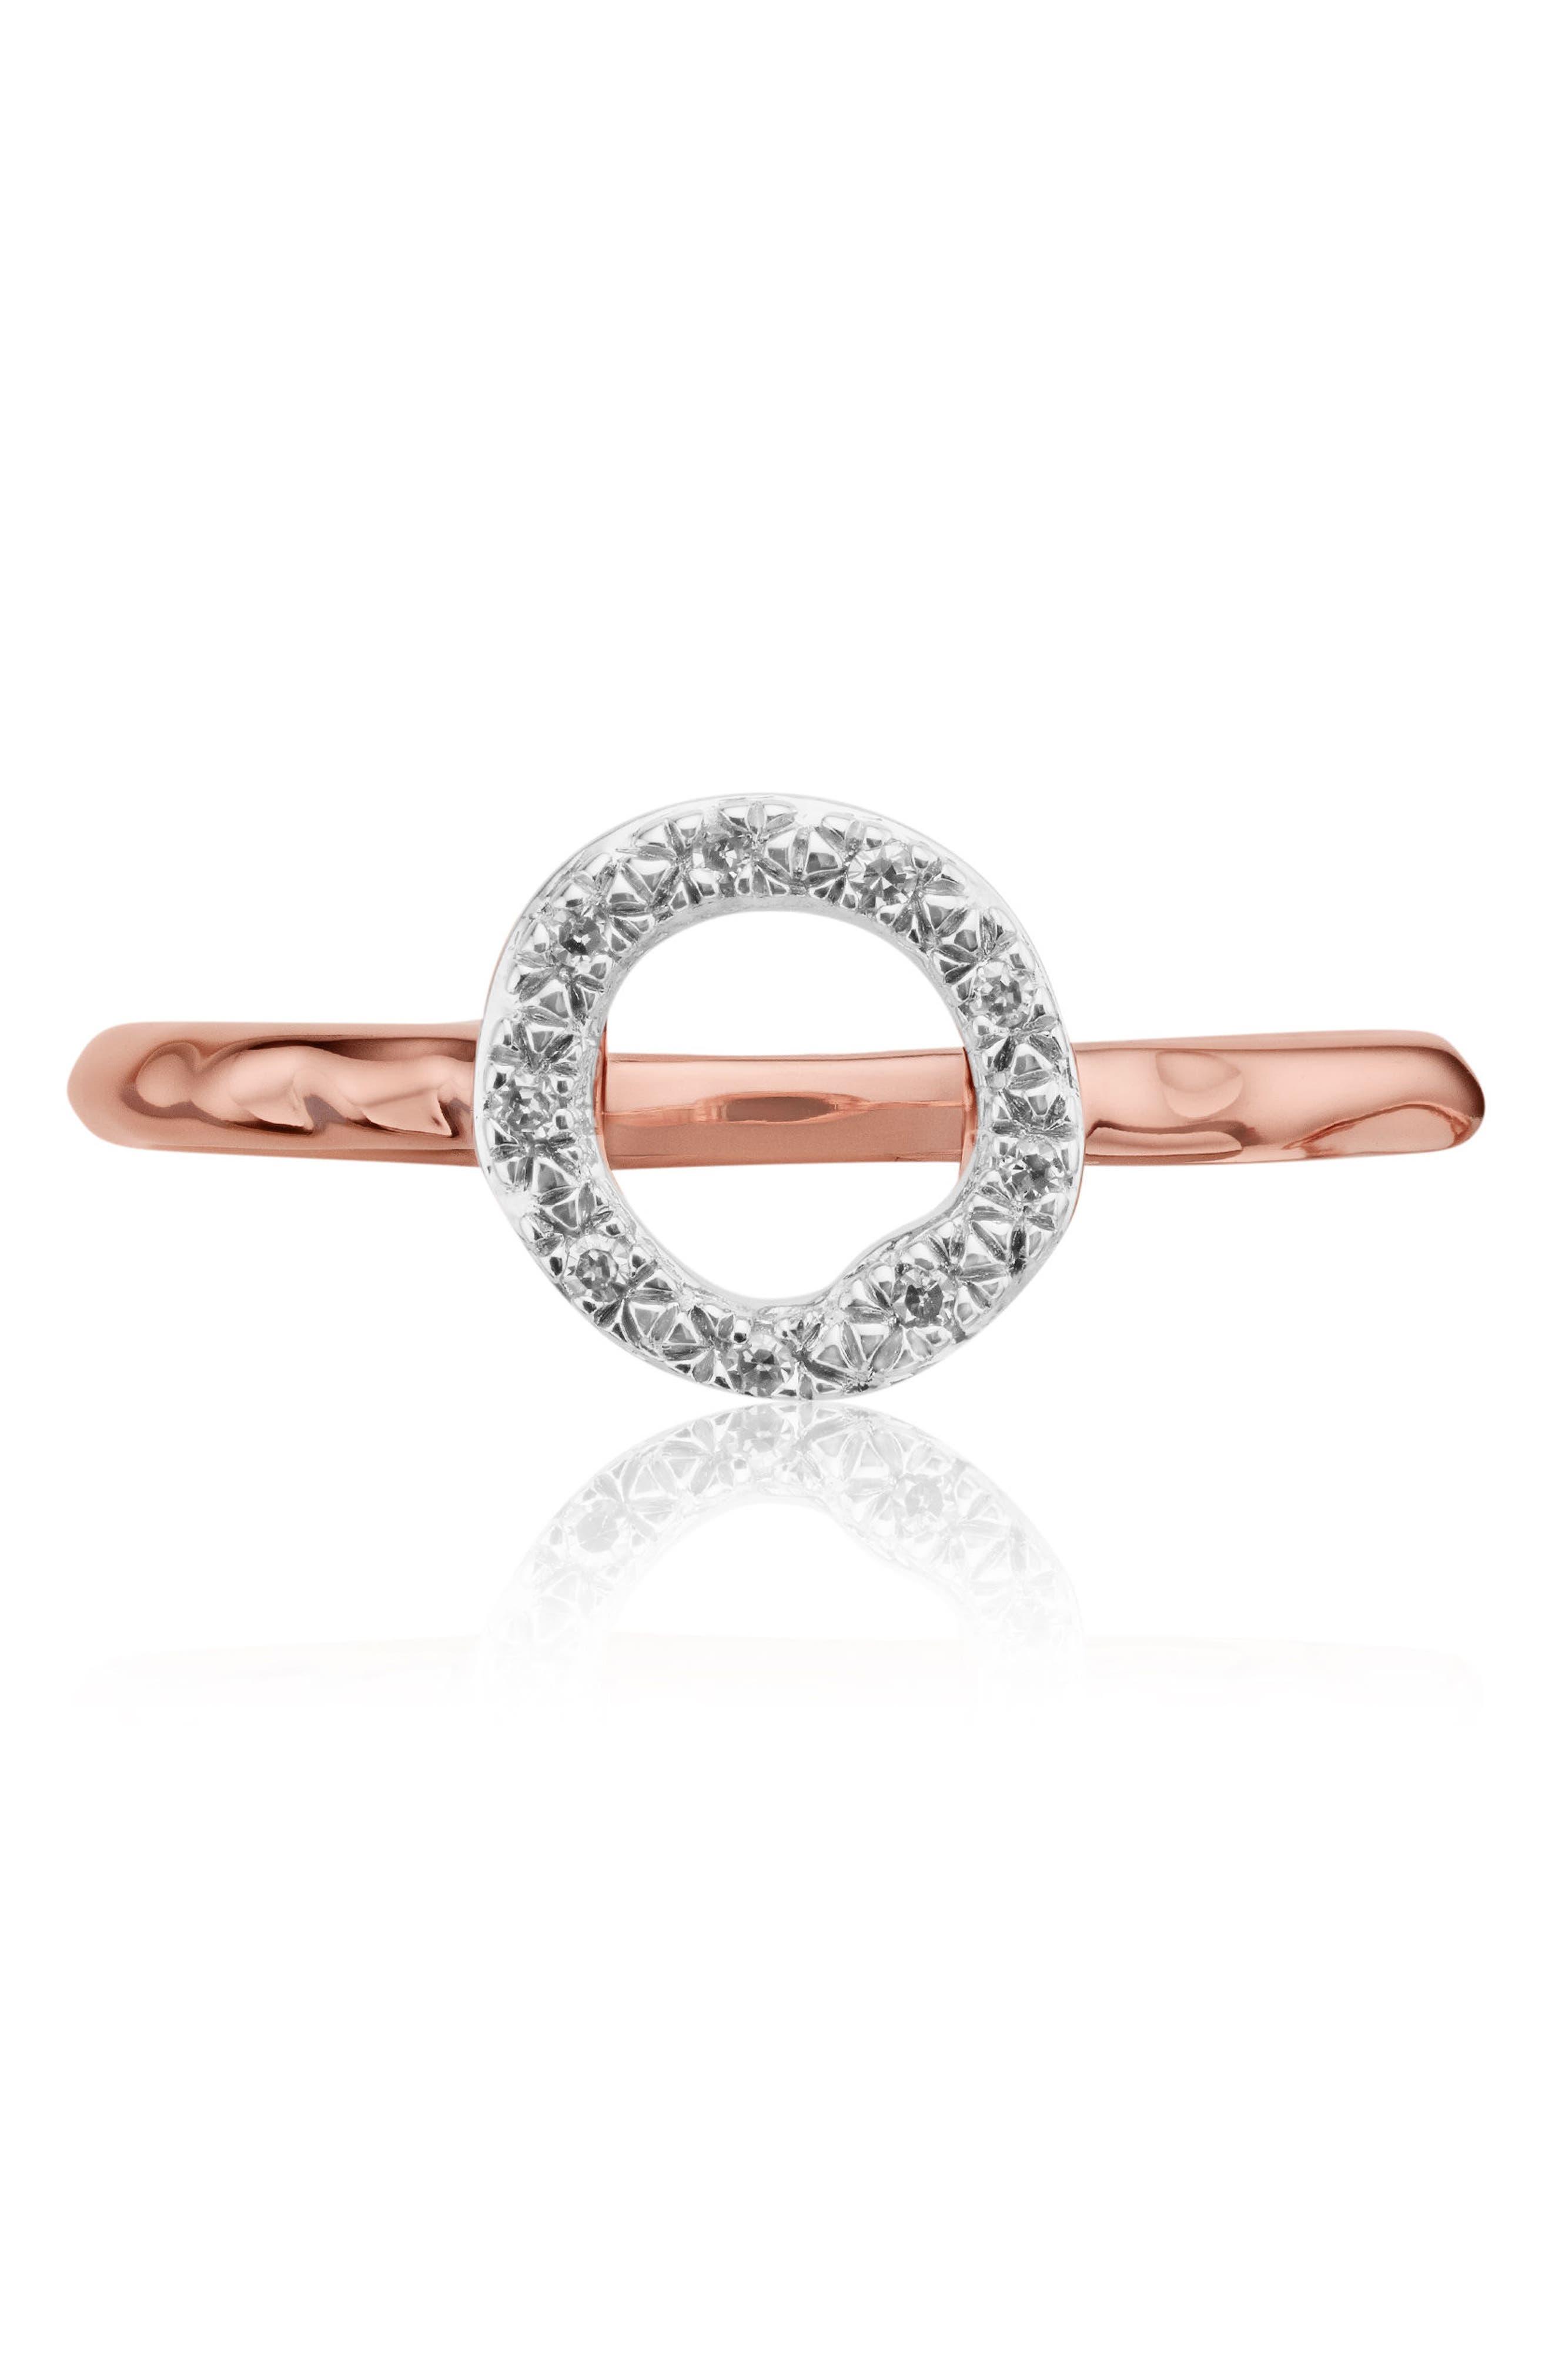 Riva Diamond Mini Circle Ring,                         Main,                         color, Rose Gold/ Diamond